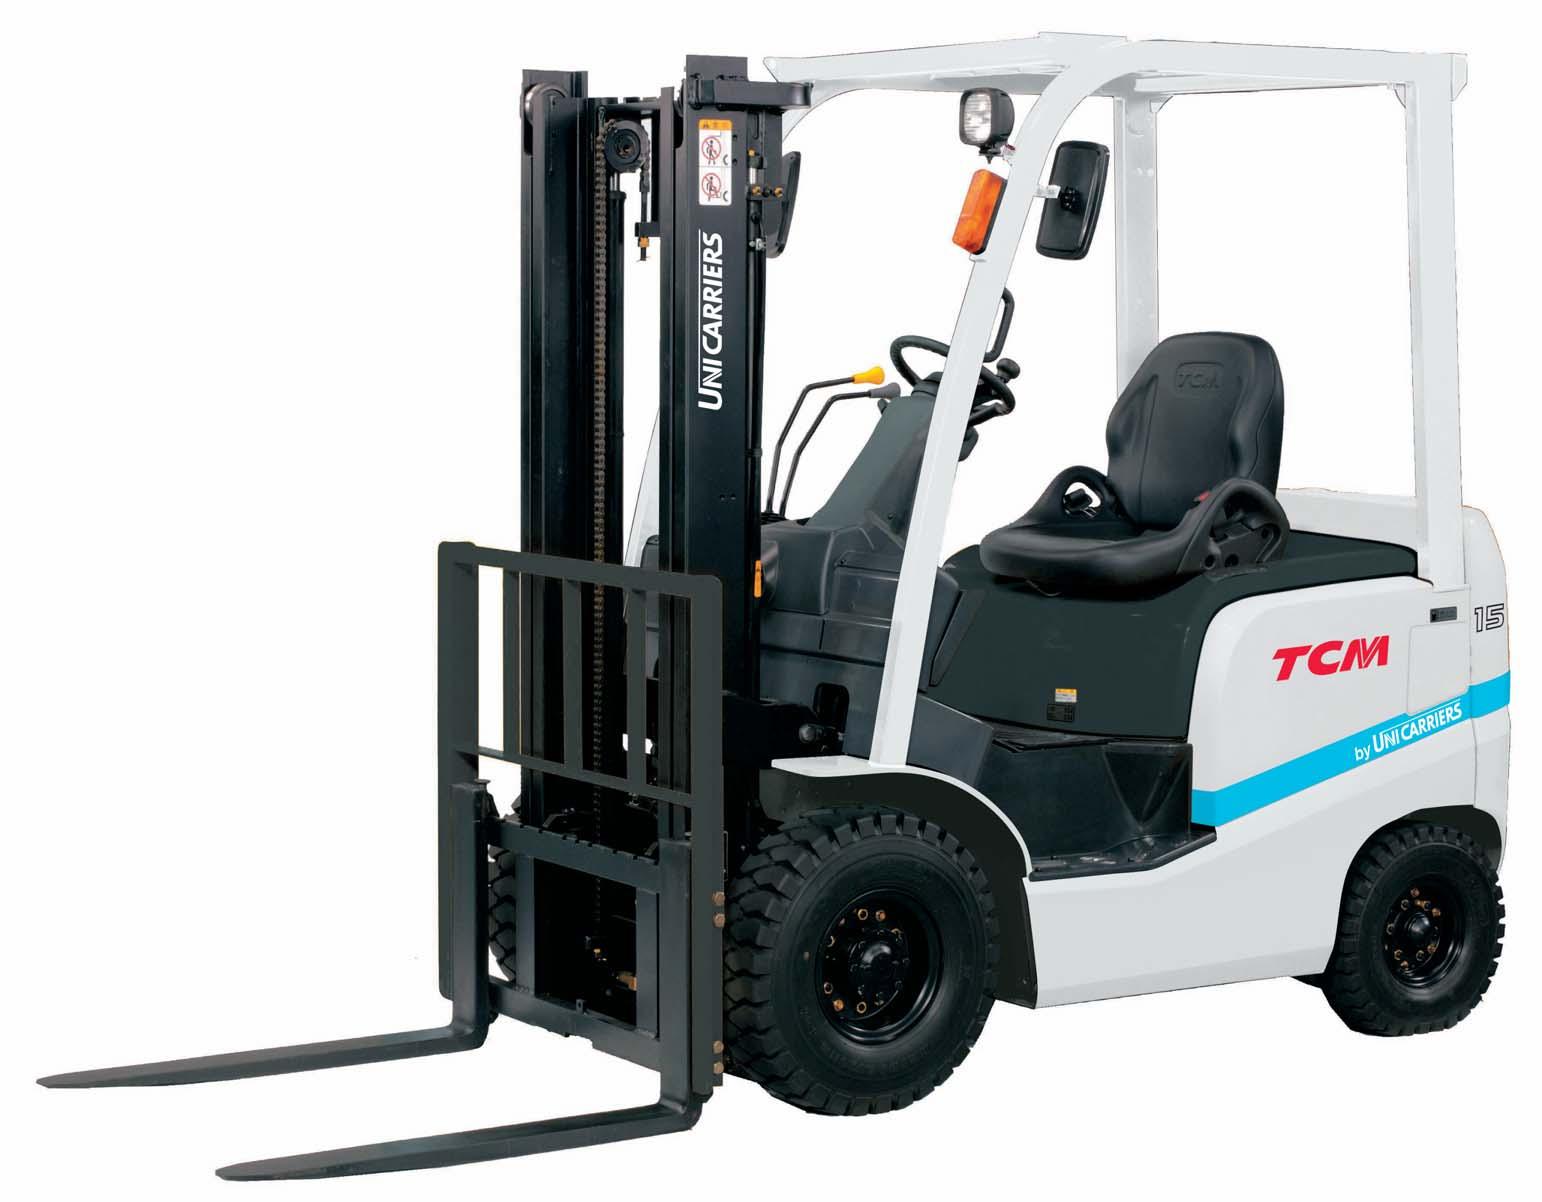 TCM FHG25C3